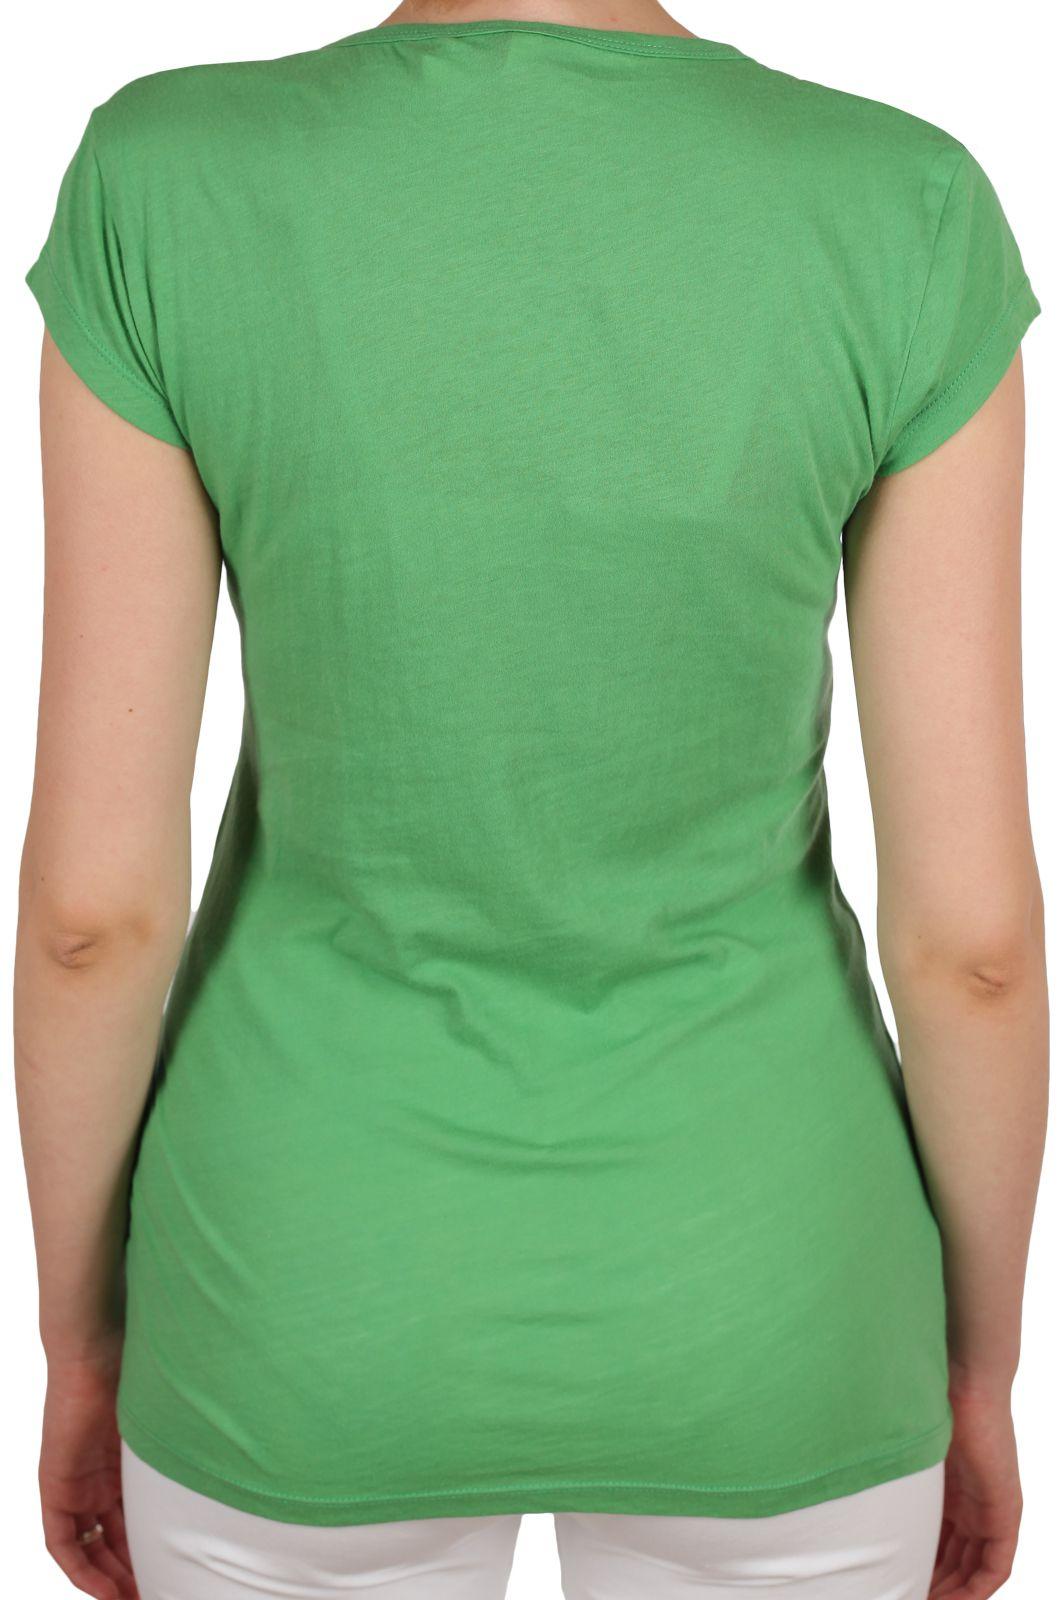 Брендовая женская футболка от Firetrap® (Великобритания) - вид сзади